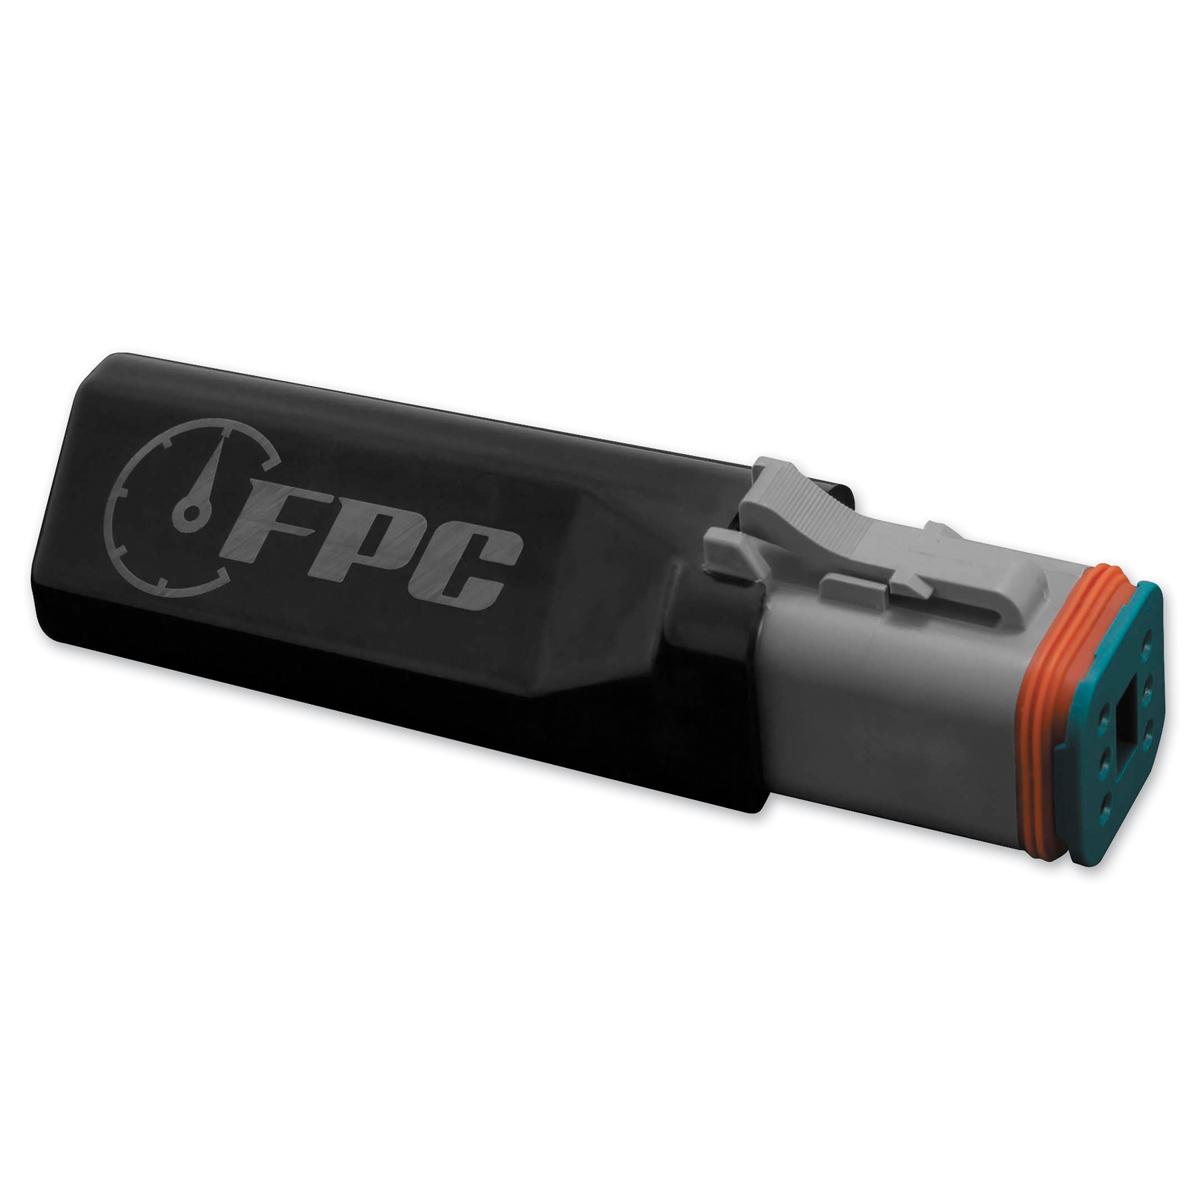 Vance & Hines FPC FuelPak for Eliminator 400 Slip On Mufflers